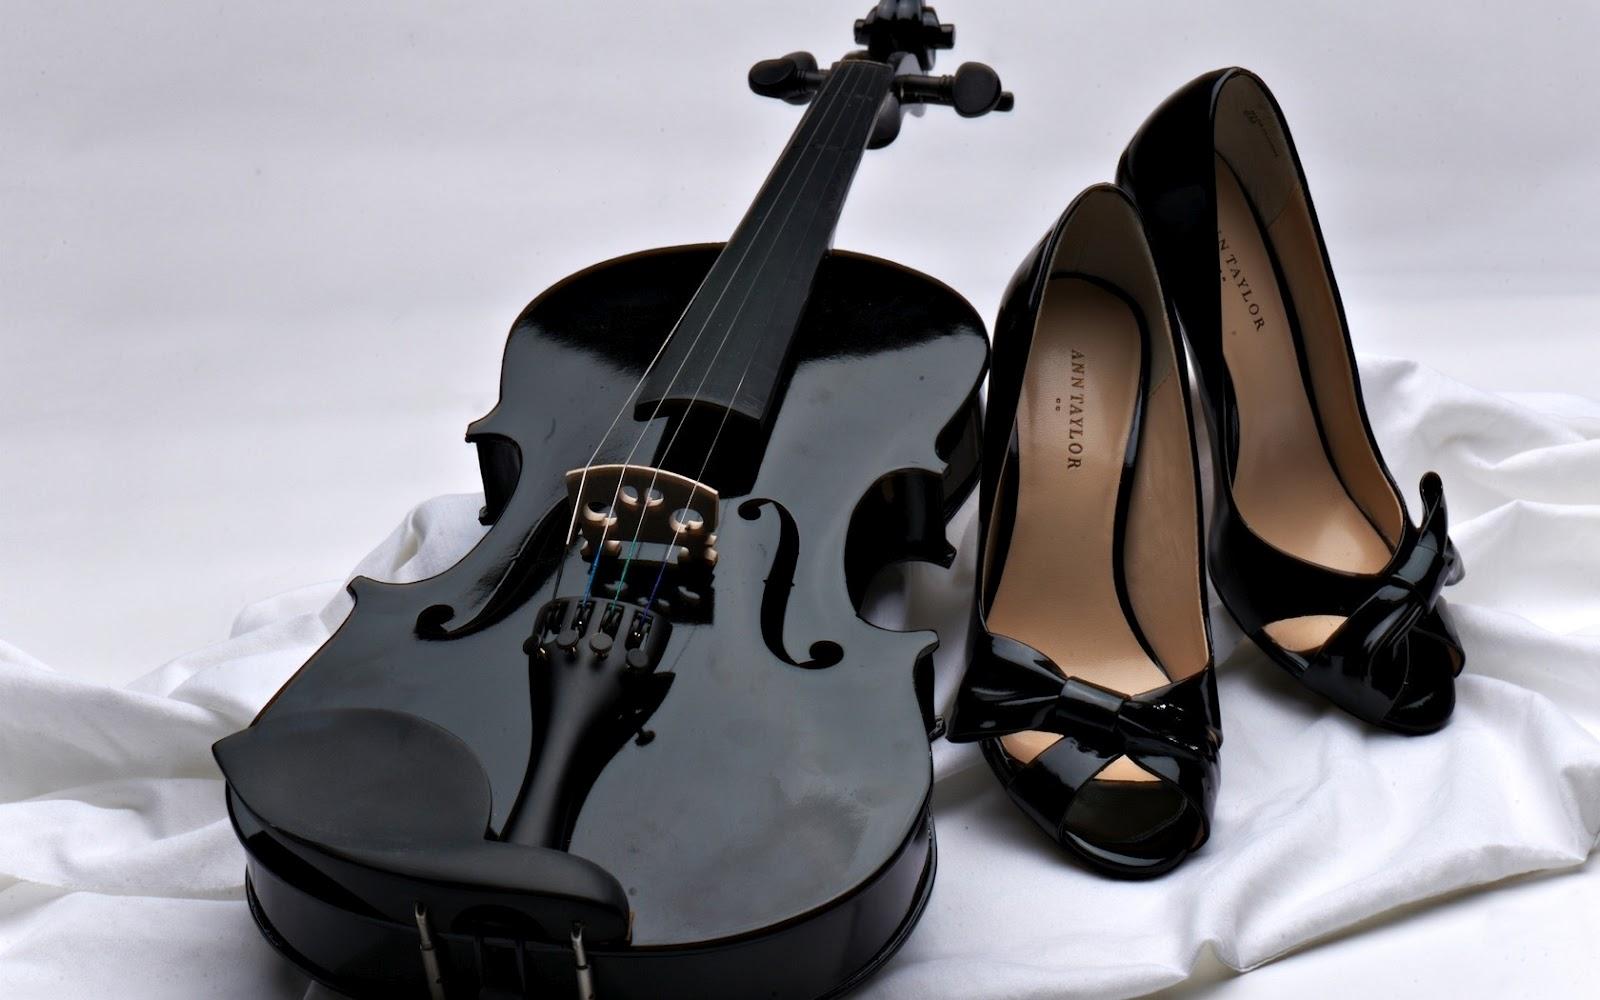 Black shoes and black violins for girls